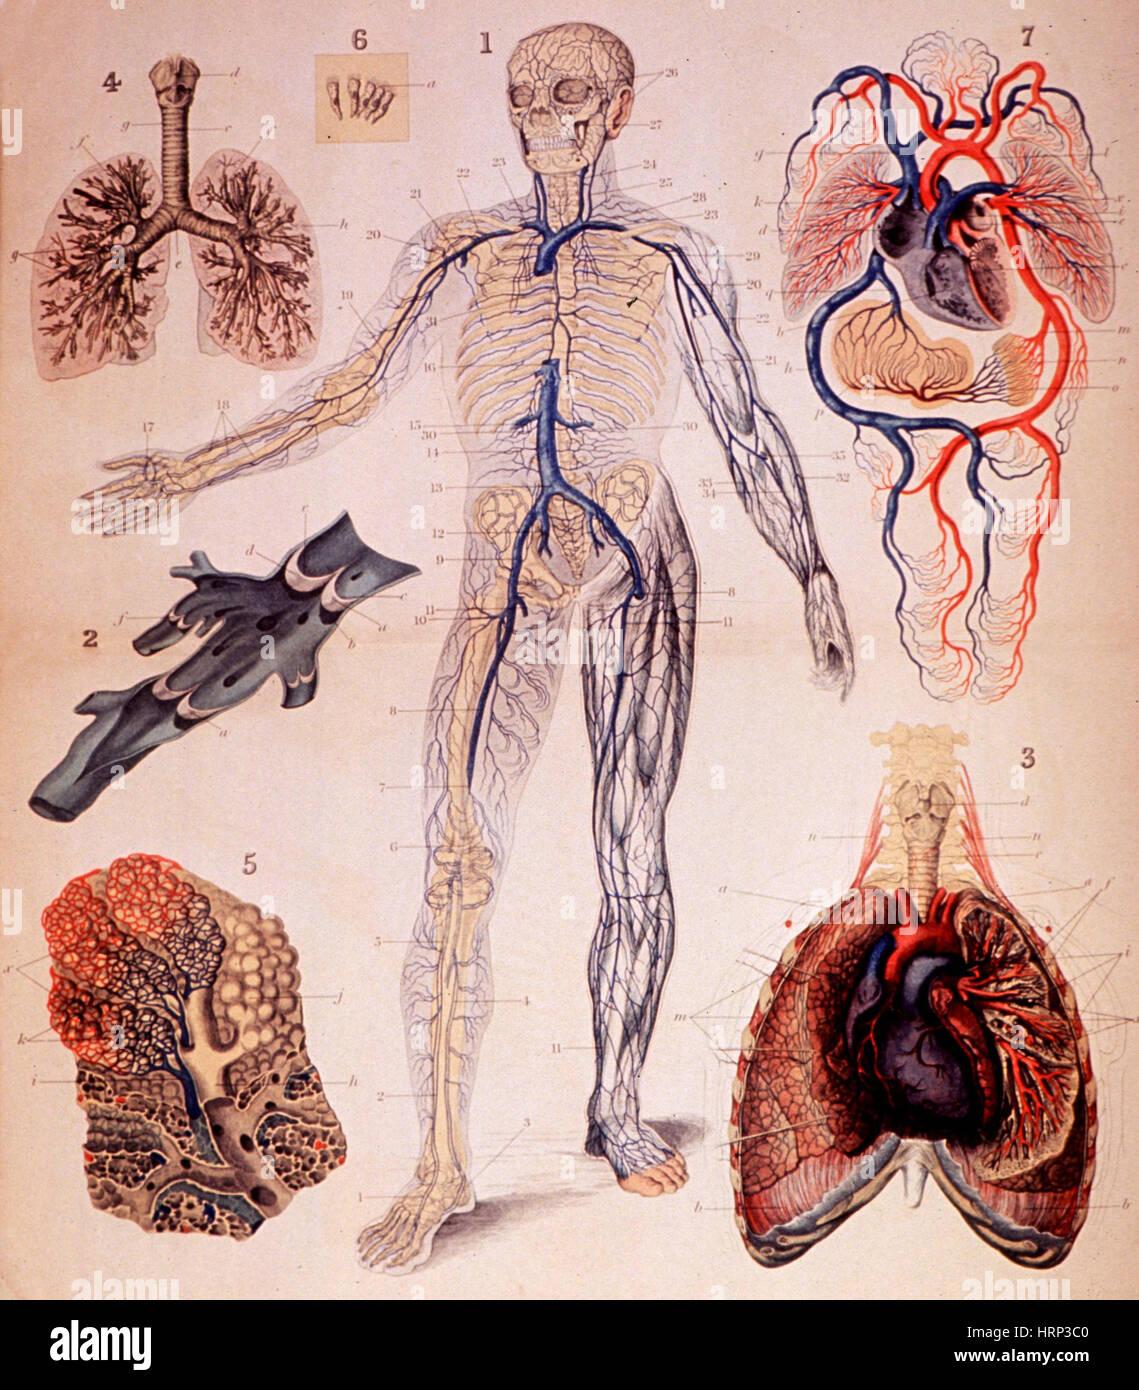 Venen und Lunge, Atlas der menschlichen Anatomie Stockfoto, Bild ...